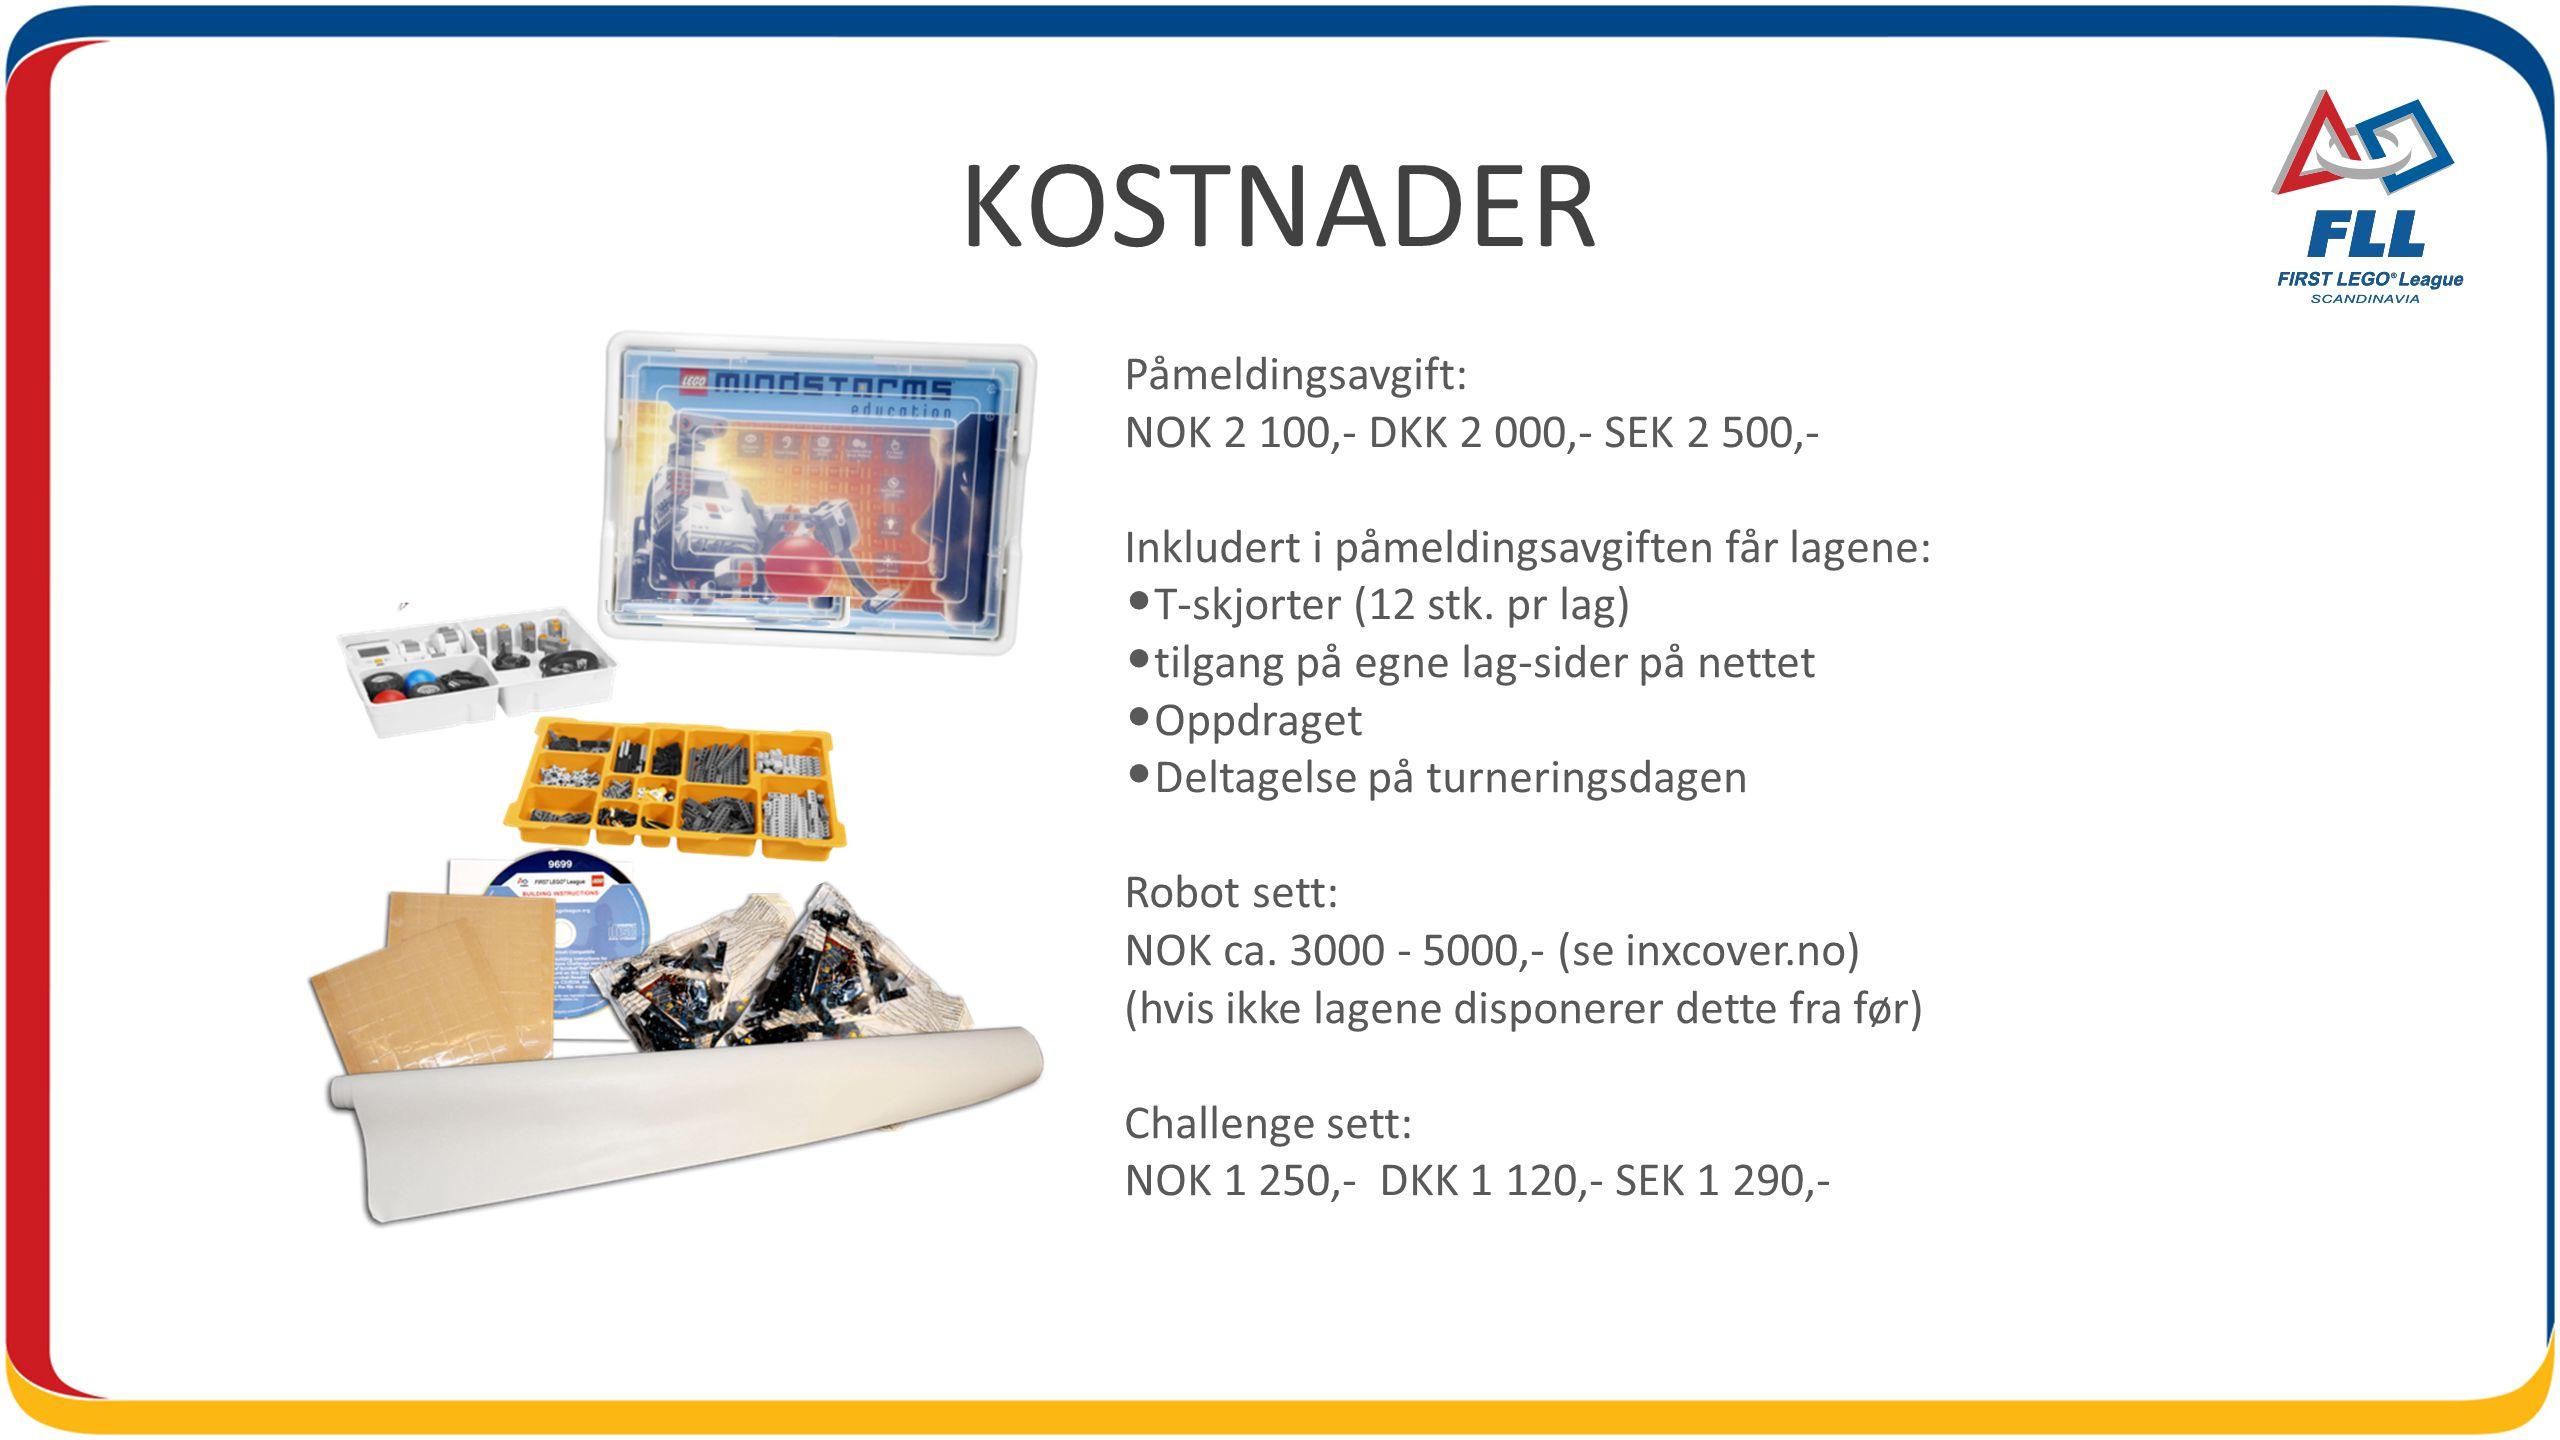 KOSTNADER Påmeldingsavgift: NOK 2 100,- DKK 2 000,- SEK 2 500,- Inkludert i påmeldingsavgiften får lagene: • T-skjorter (12 stk. pr lag) • tilgang på